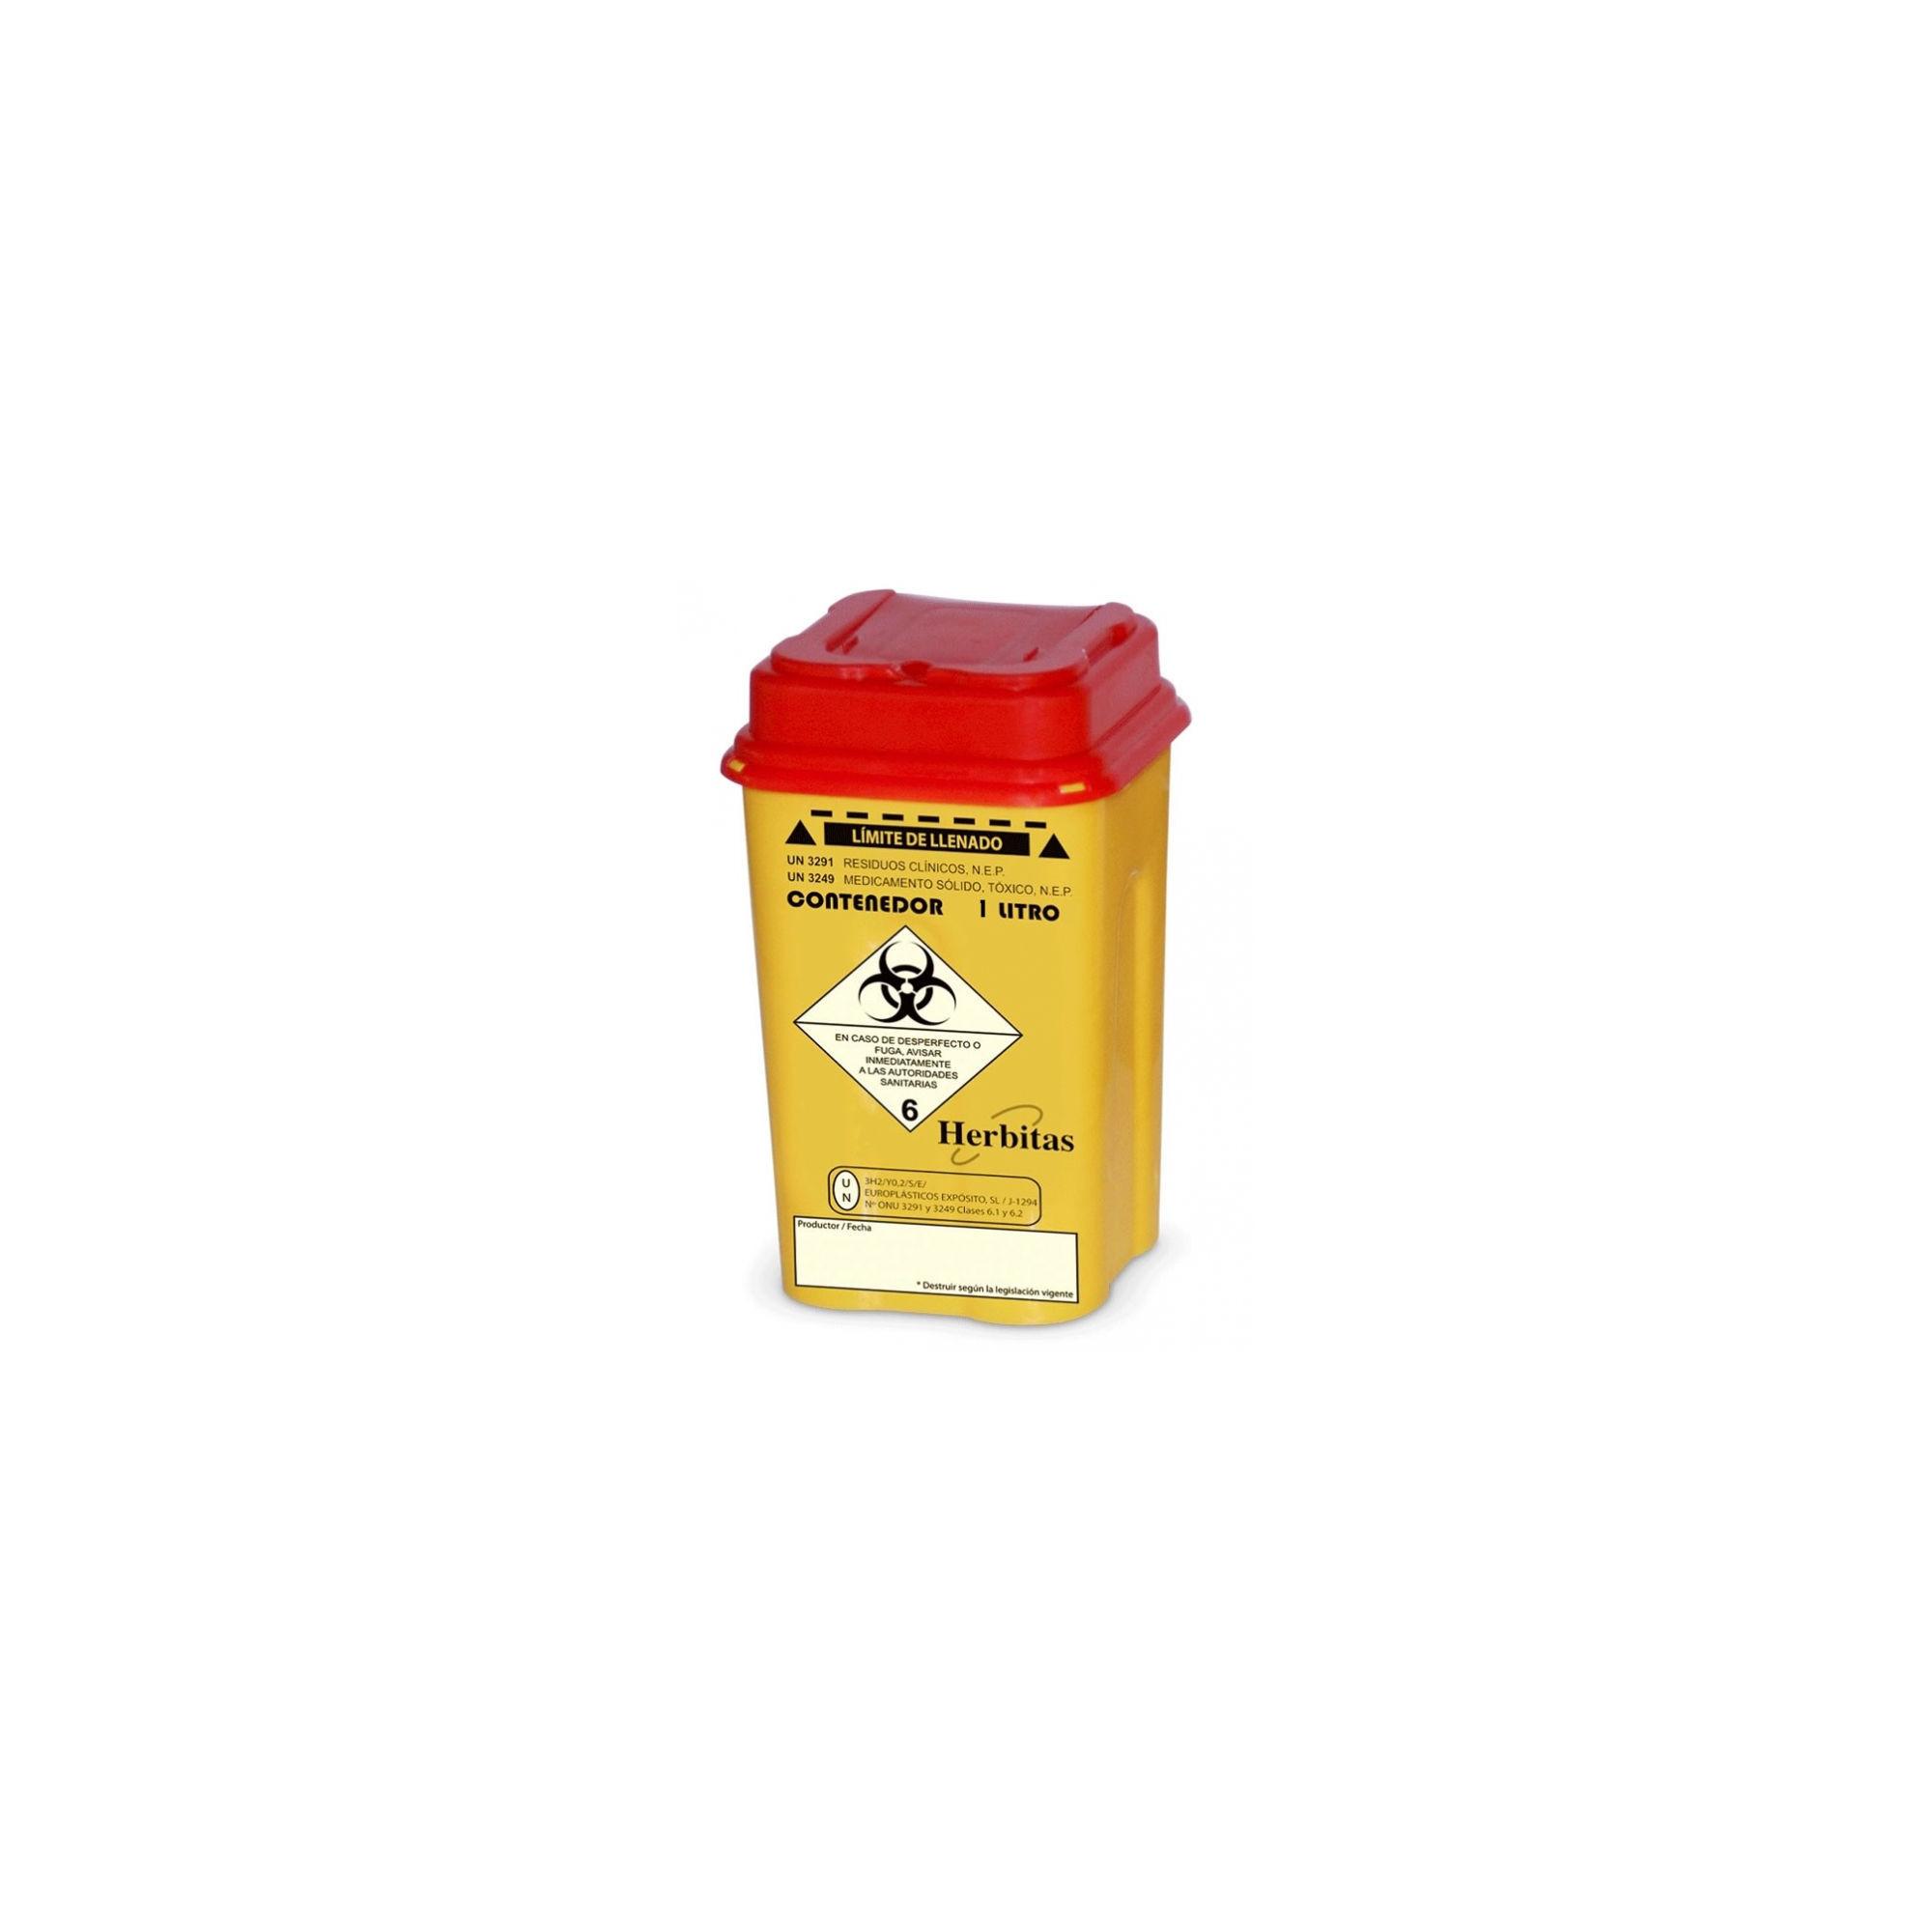 Bac de récupération de lames - 0,5 L - Herbitas